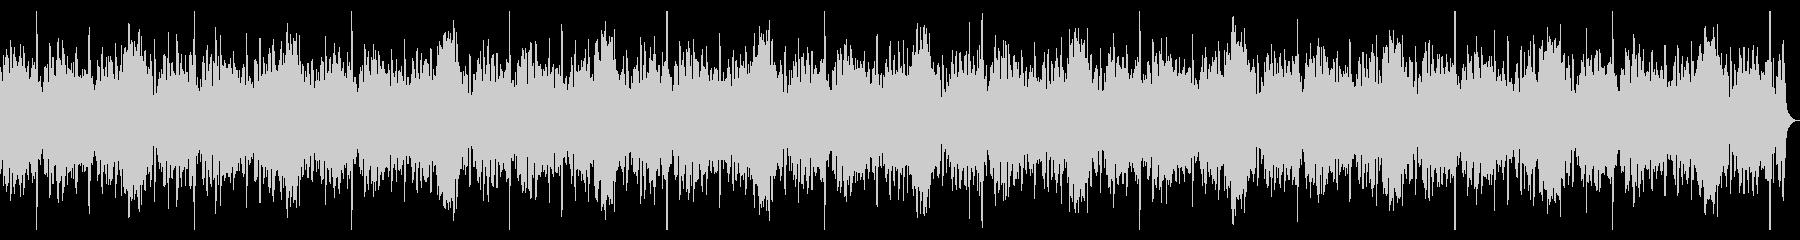 波の音が印象的な明るいBGMの未再生の波形